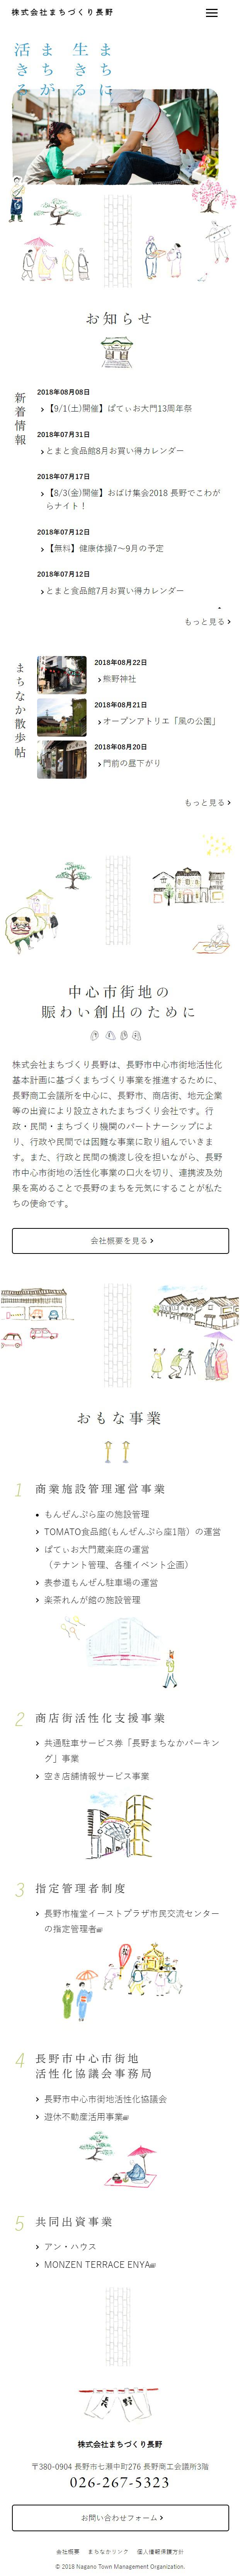 株式会社まちづくり長野スマホ版イメージ